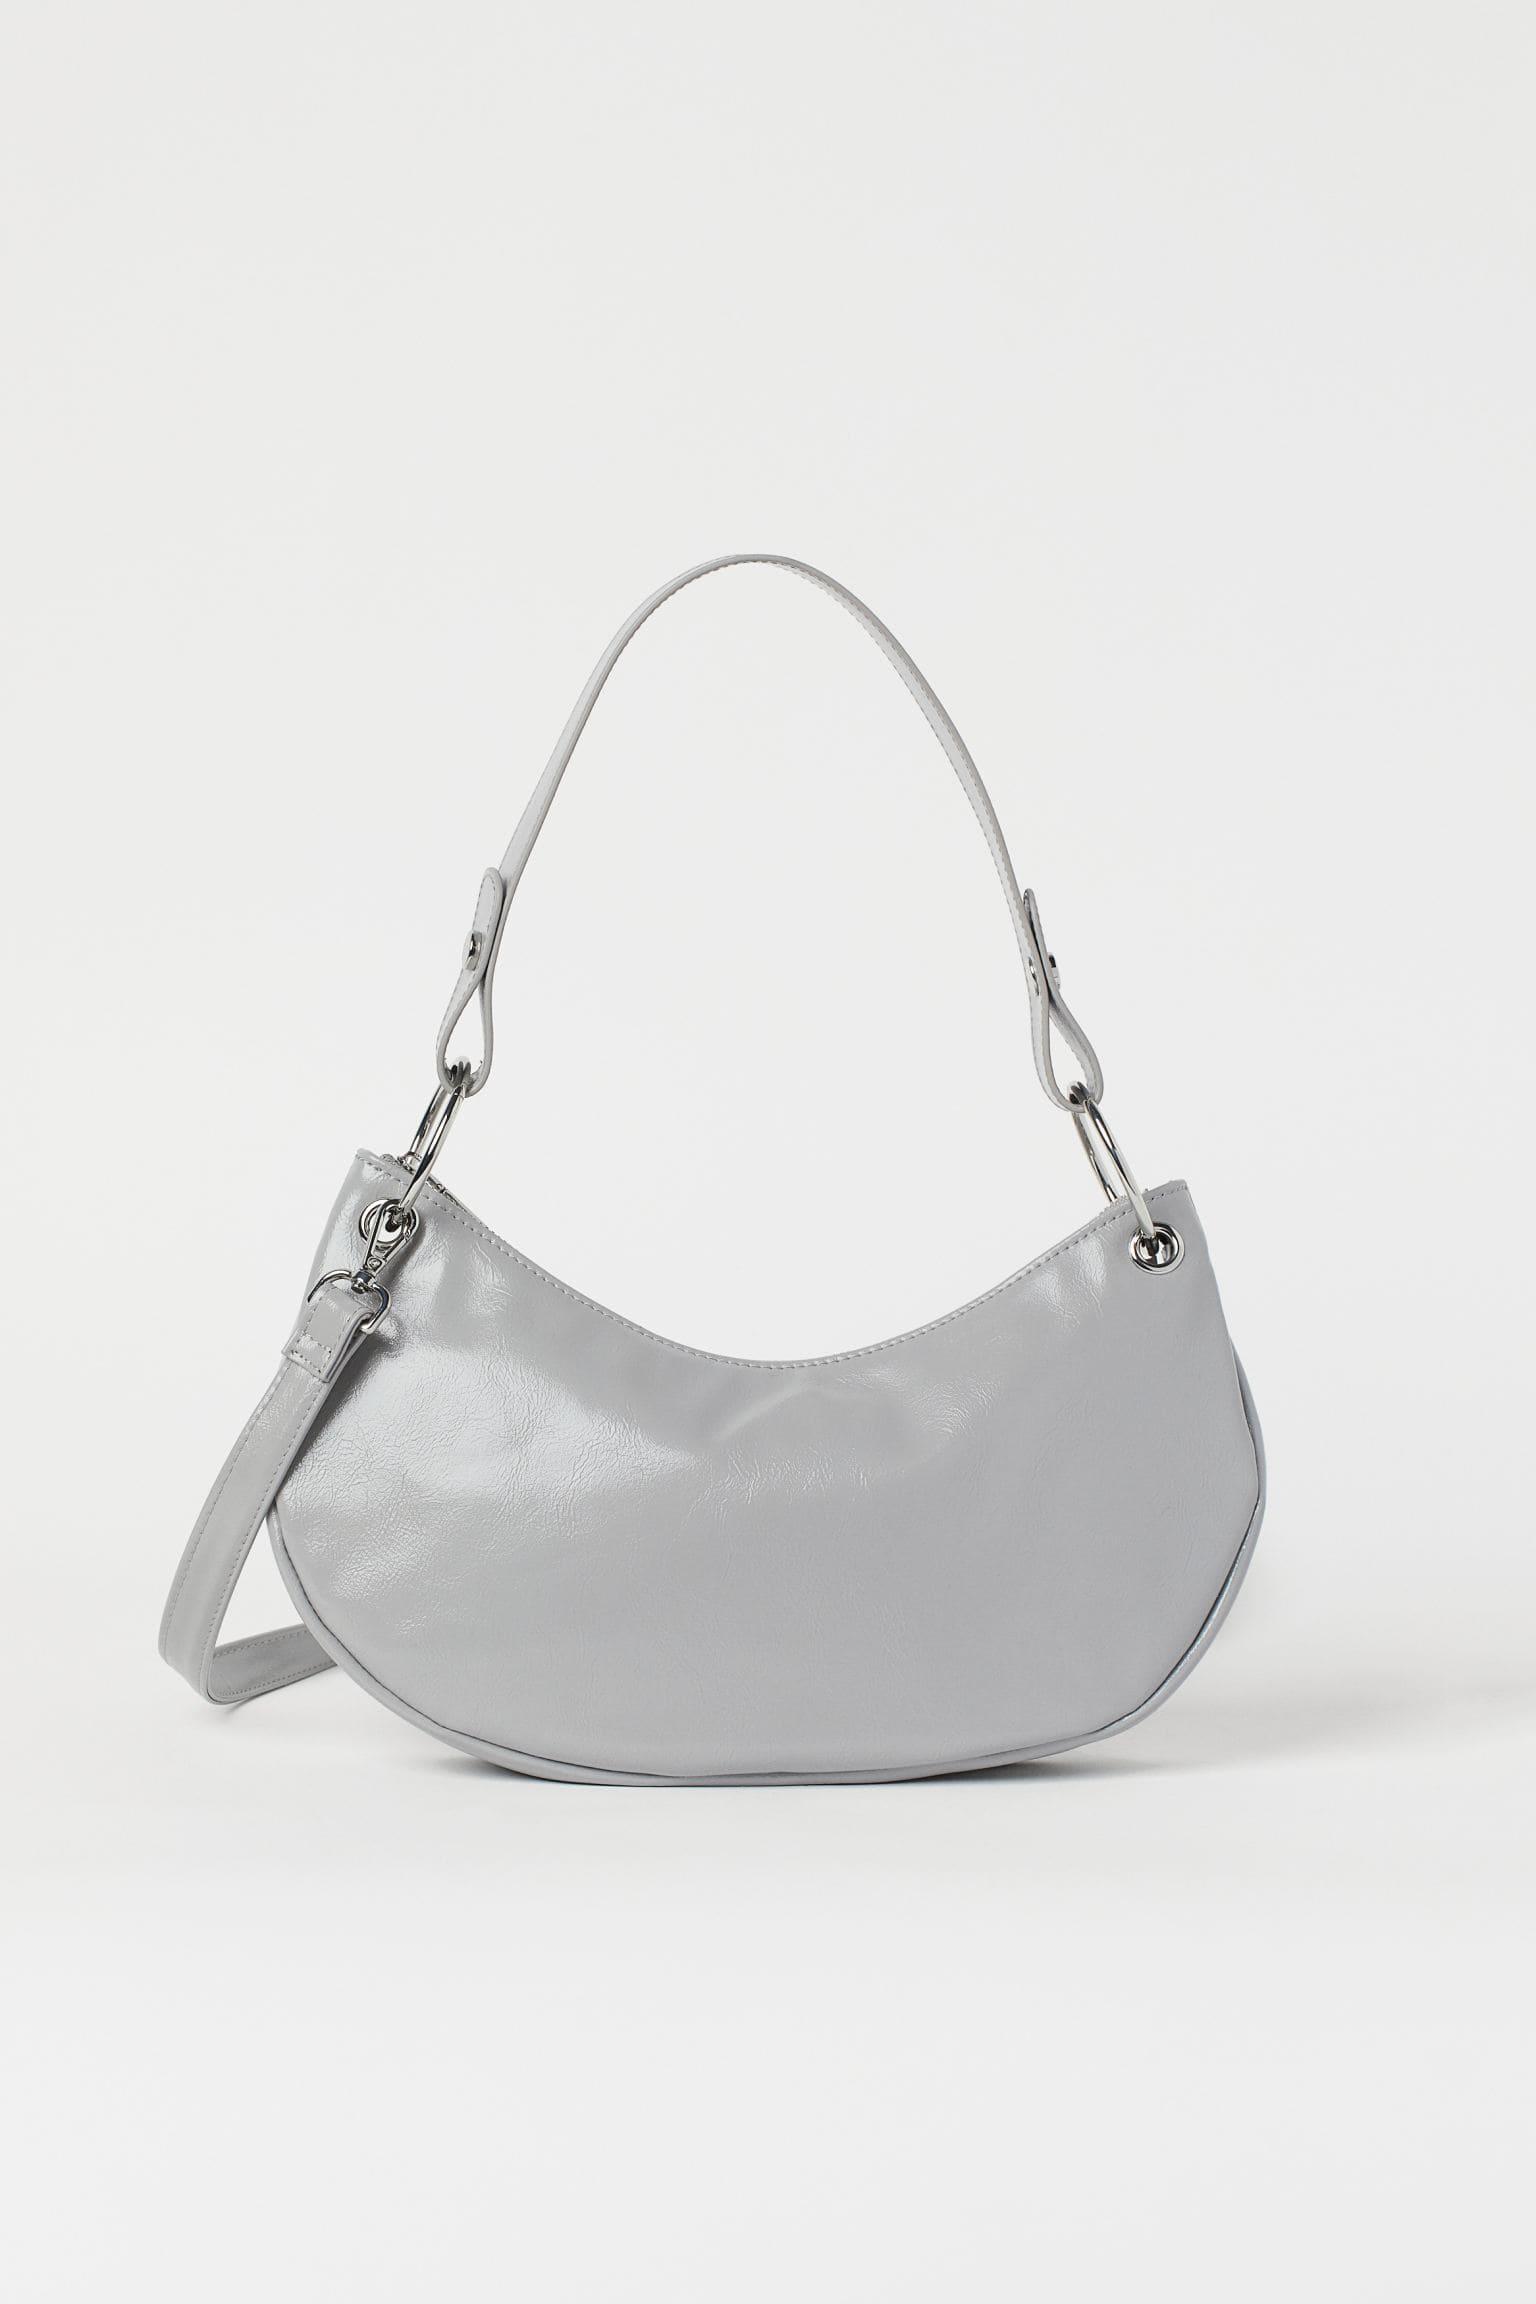 Grå fodrad handväska i läderimitation